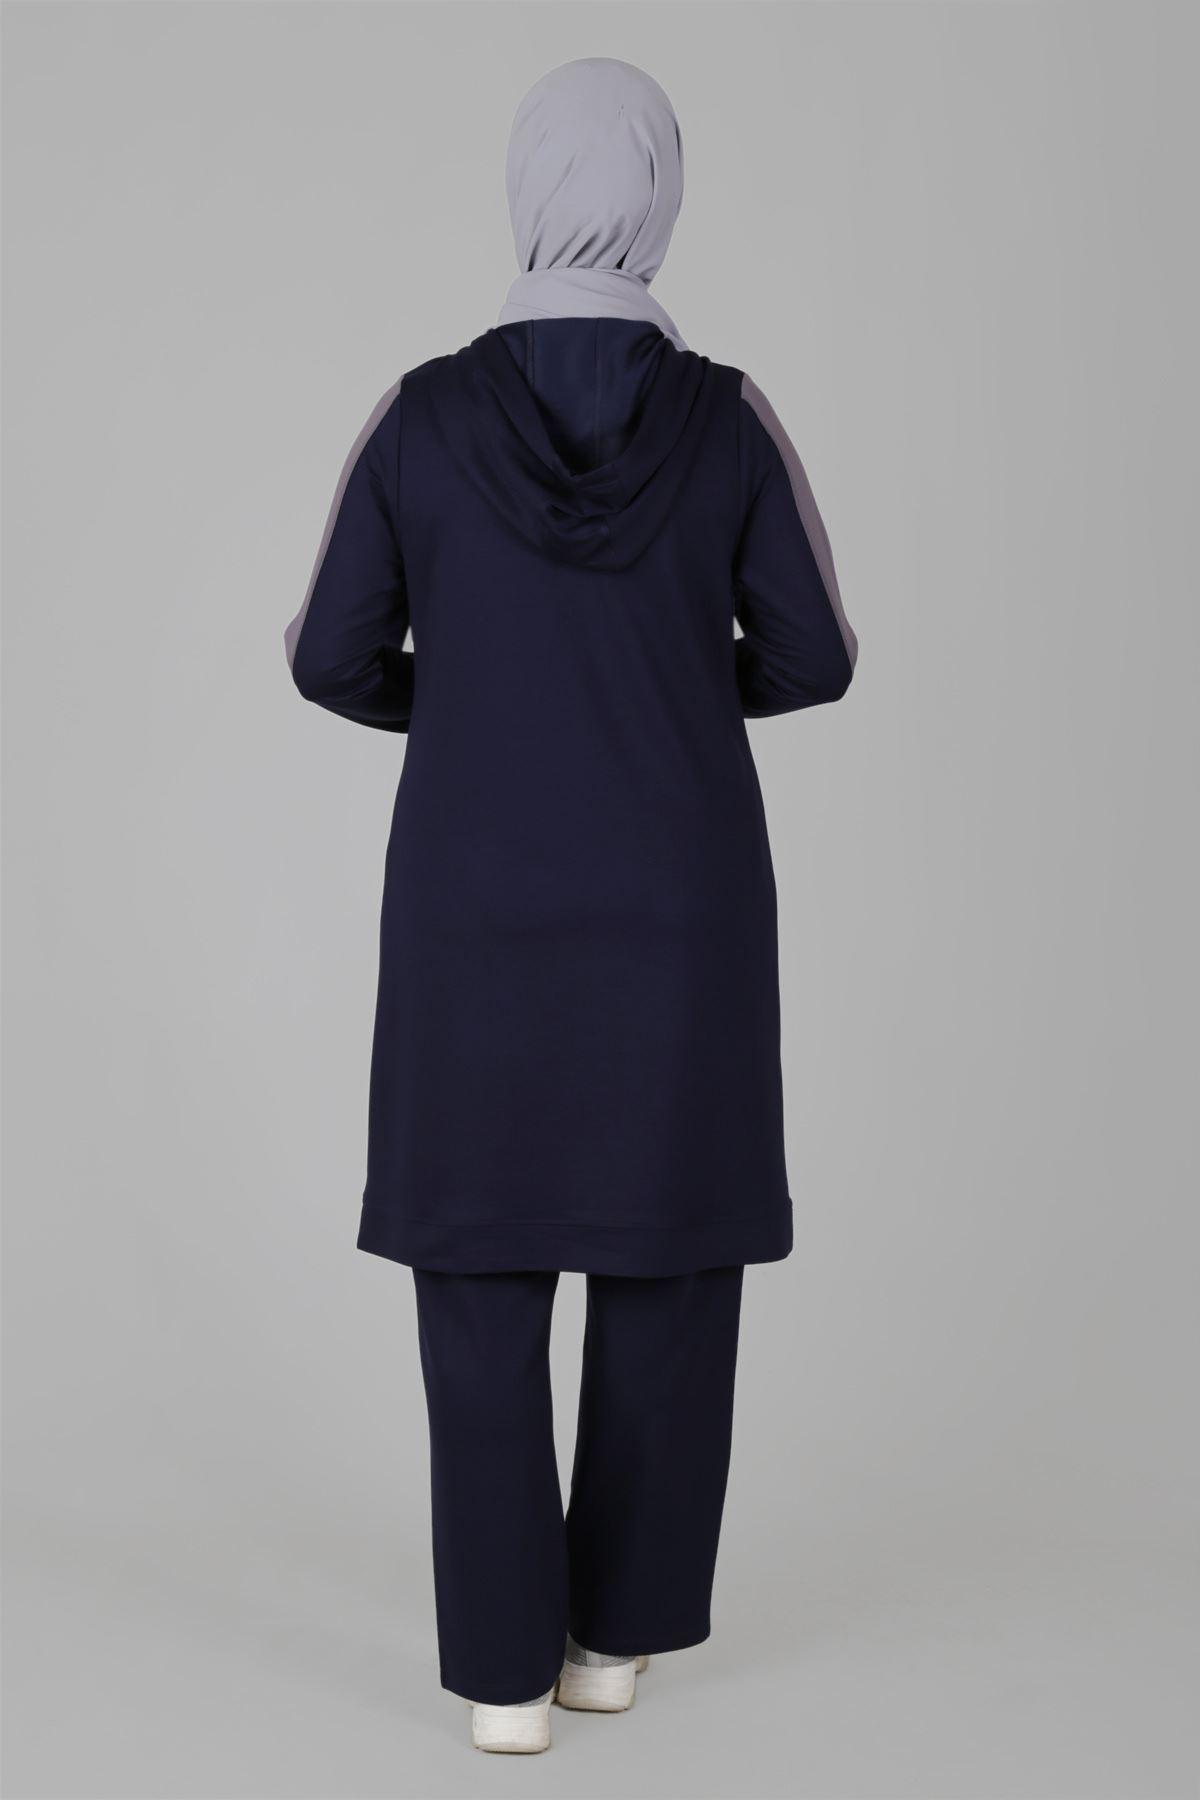 Büyük Beden Tesettür Pantolonlu Takım 35049 Lacivert